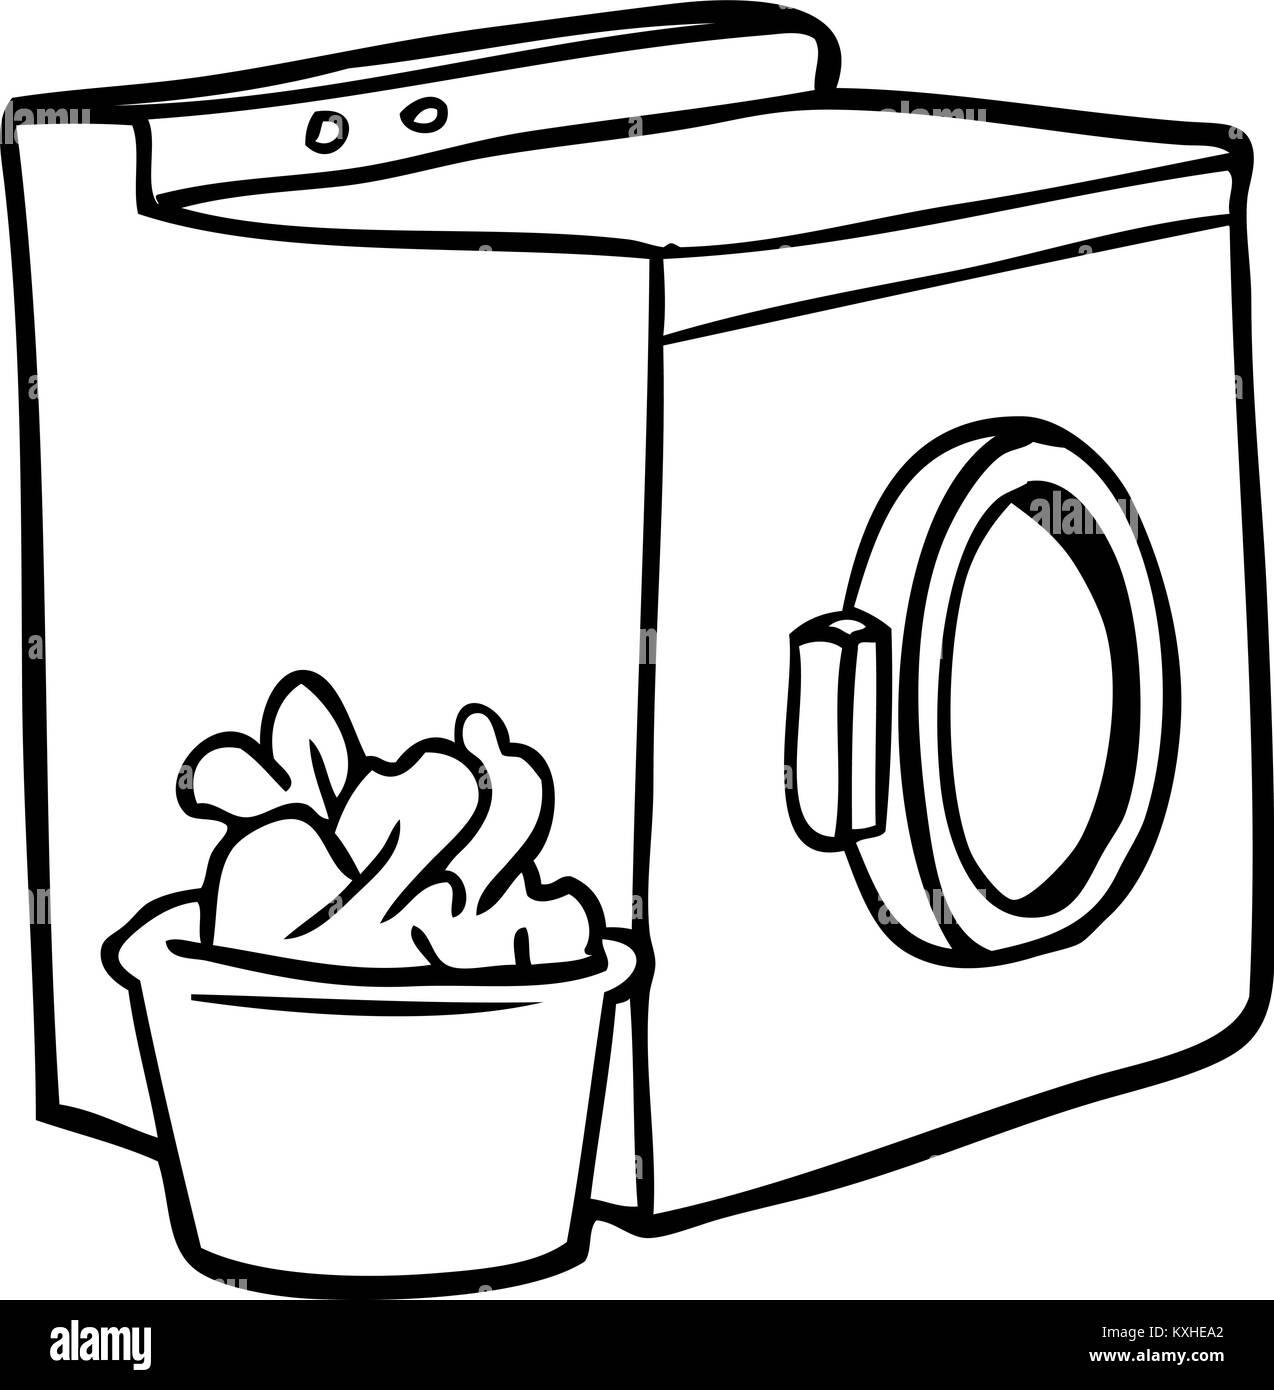 Zeichnung einer Waschmaschine und Wäsche Vektor Abbildung - Bild ...